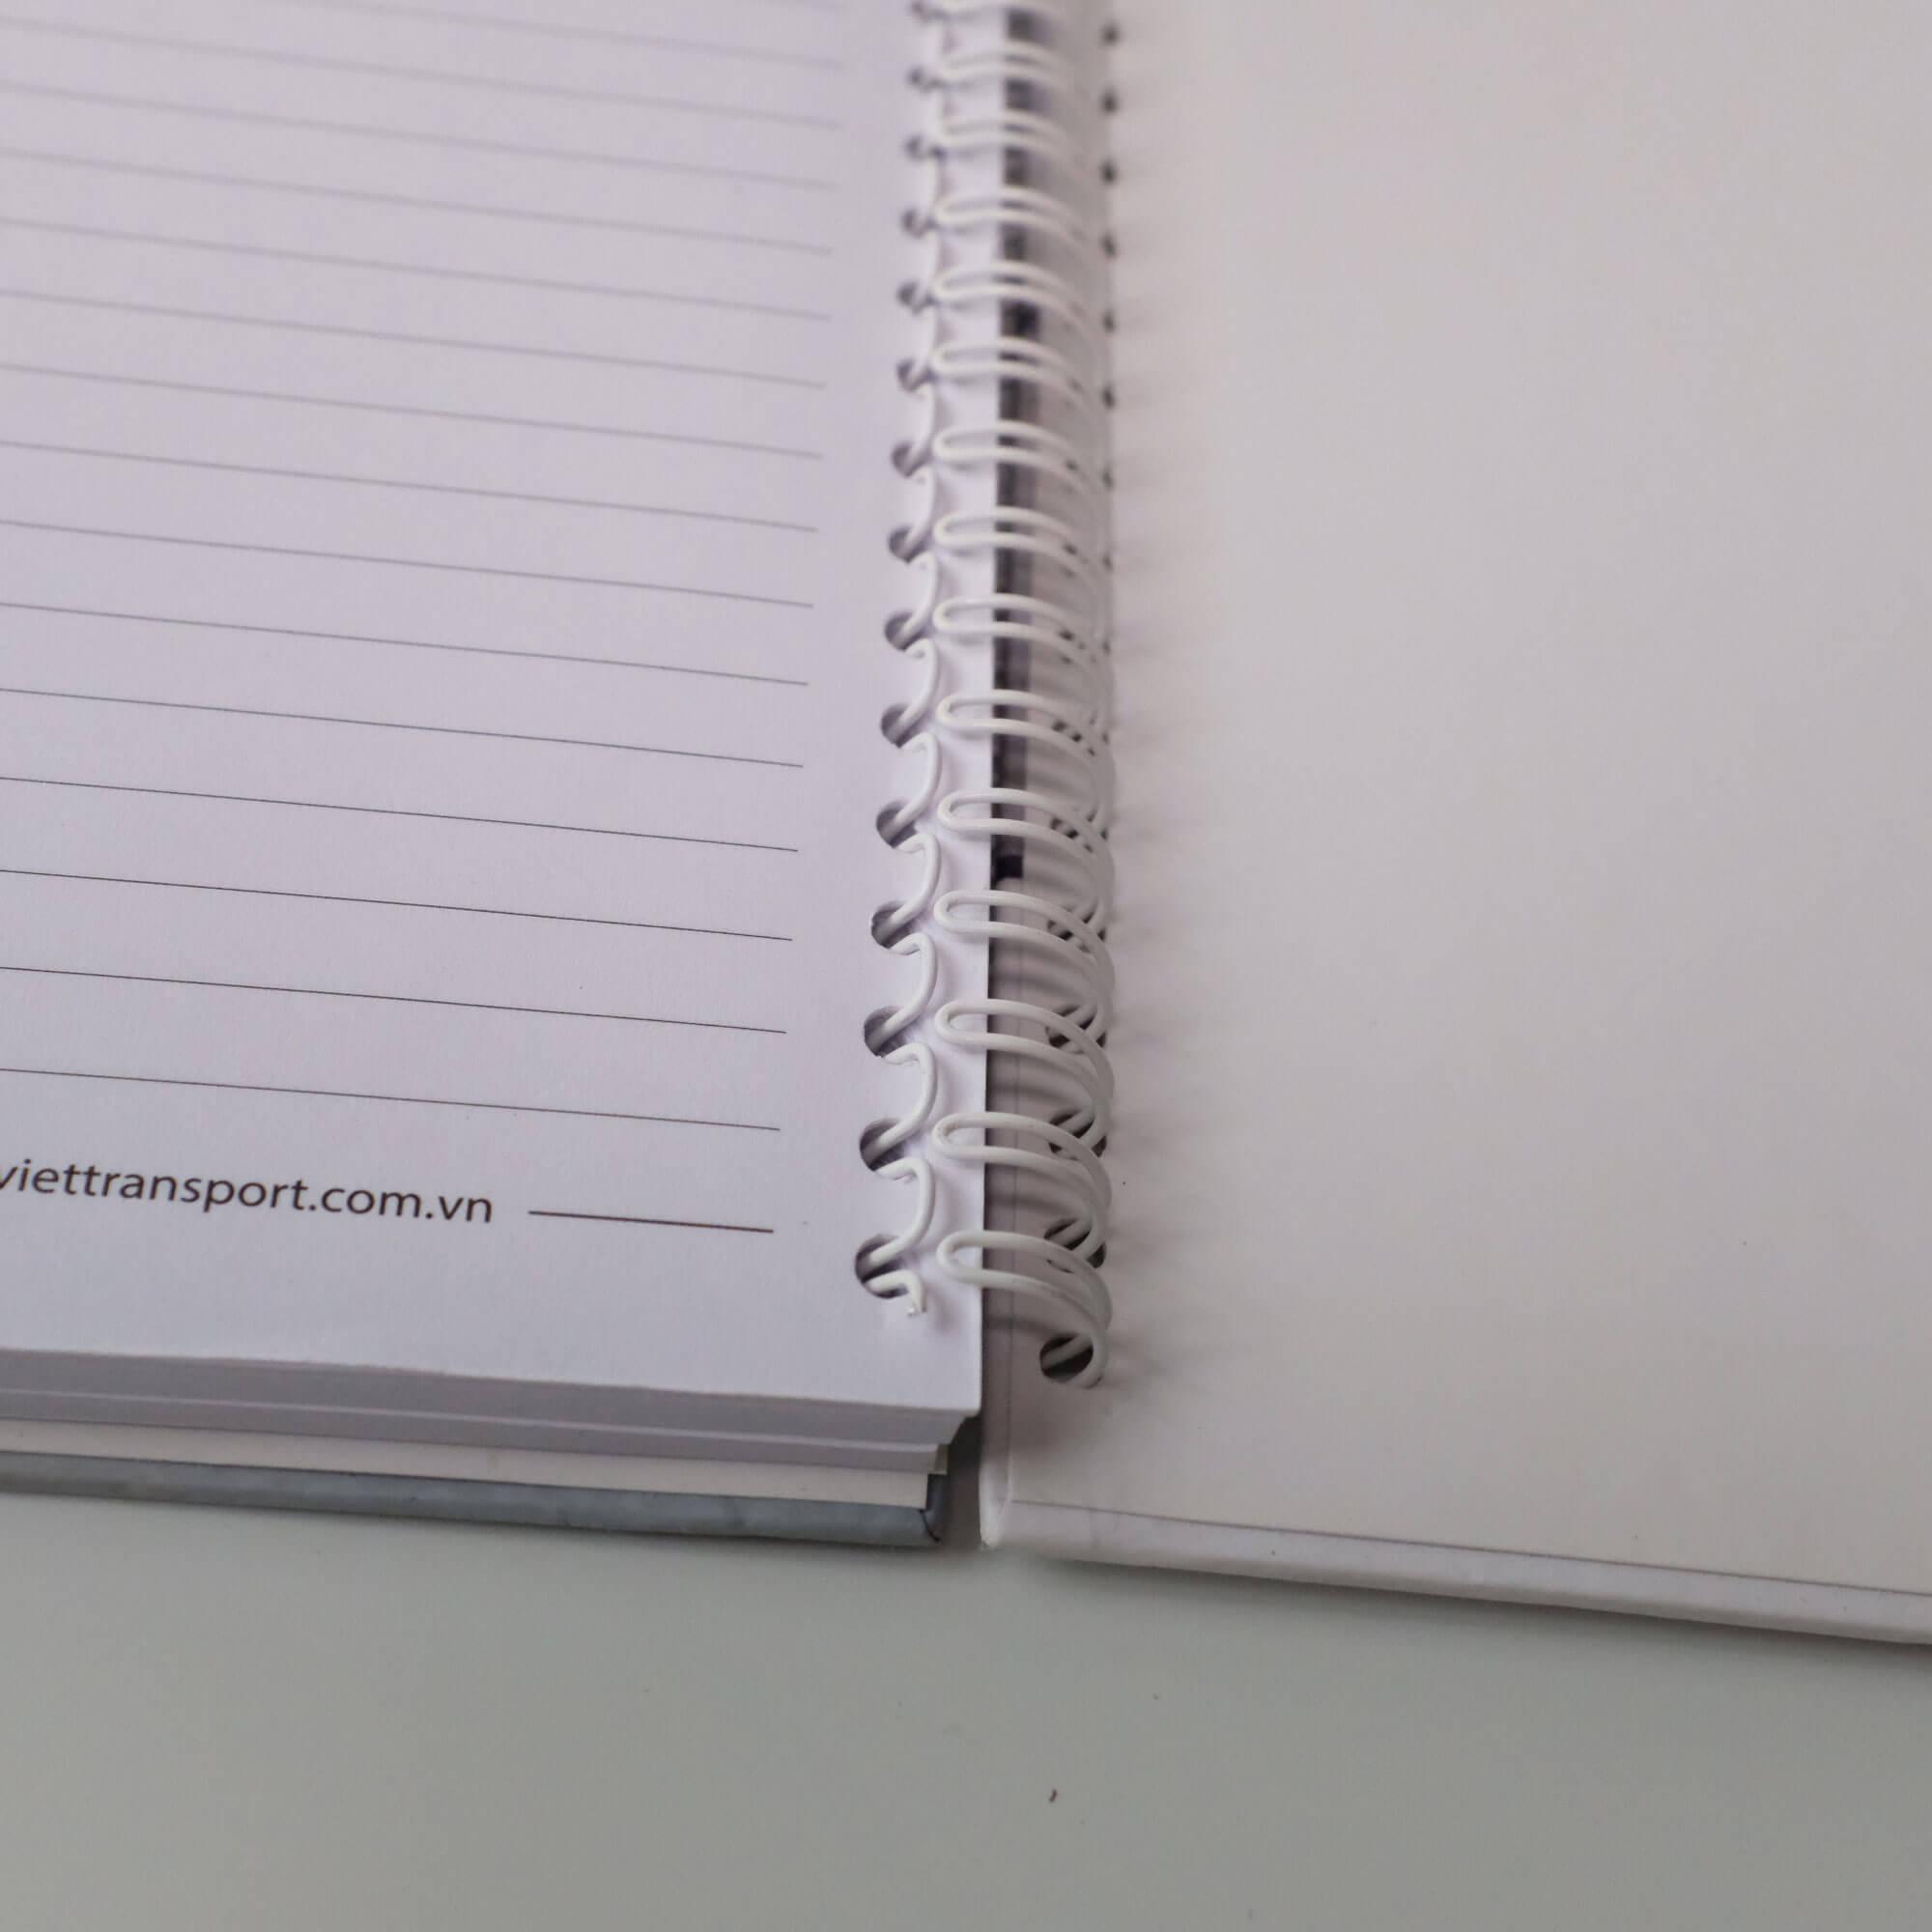 Sổ tay bìa bồi bìa cứng loxo Hưng Việt